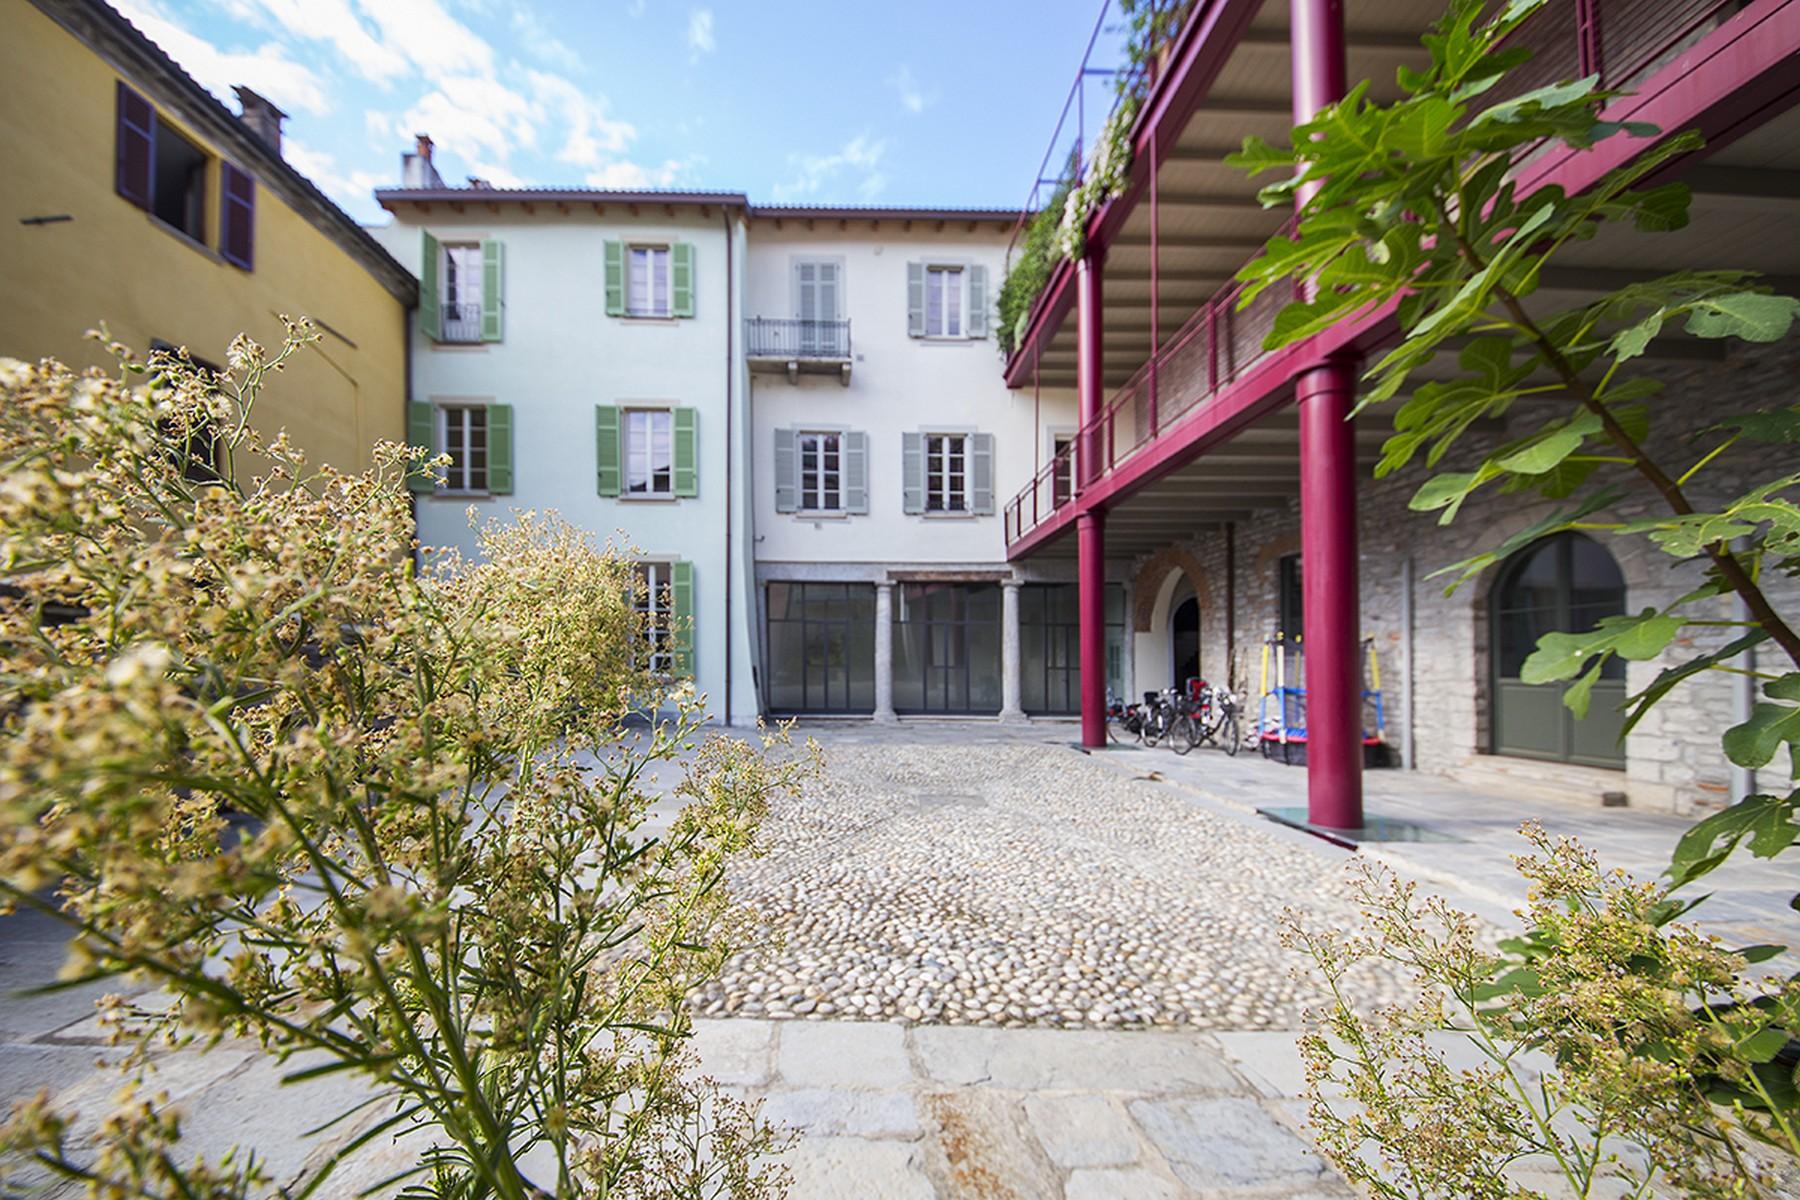 公寓 為 出售 在 Charming apartment within the walls of the historic center of Como Via Cinque Giornate Como, Como, 22100 義大利